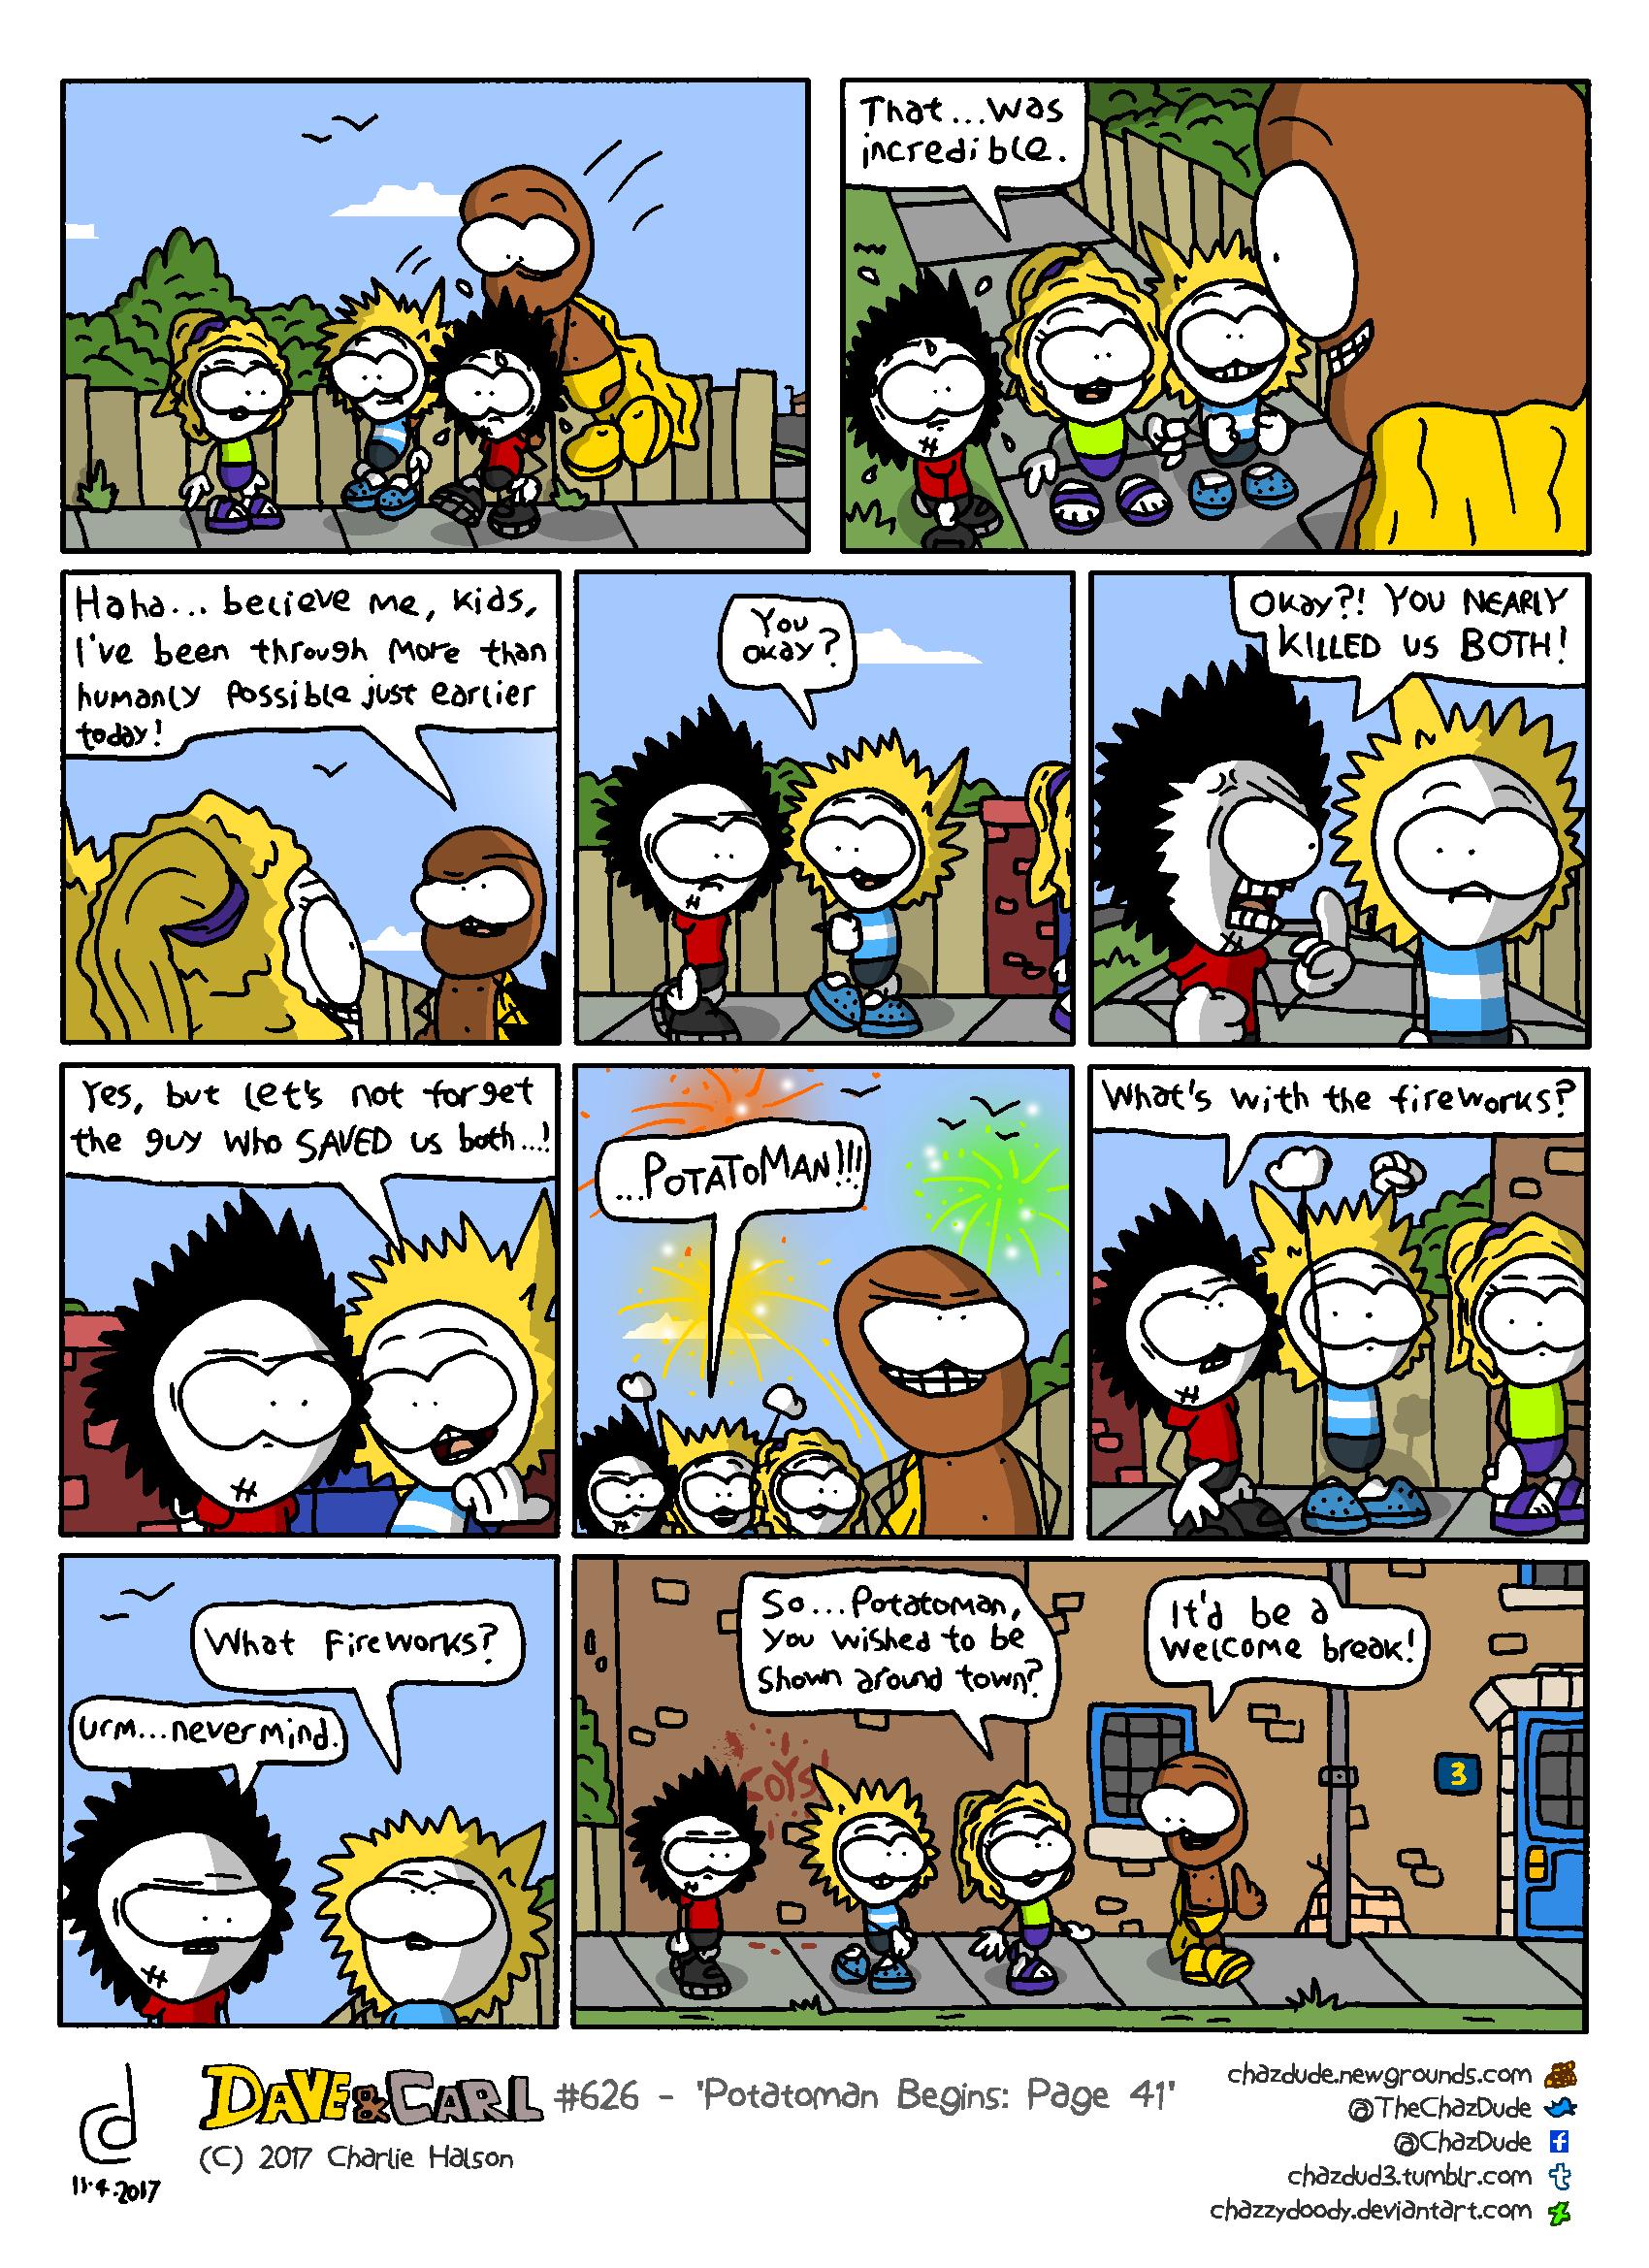 Potatoman Begins: Page 41